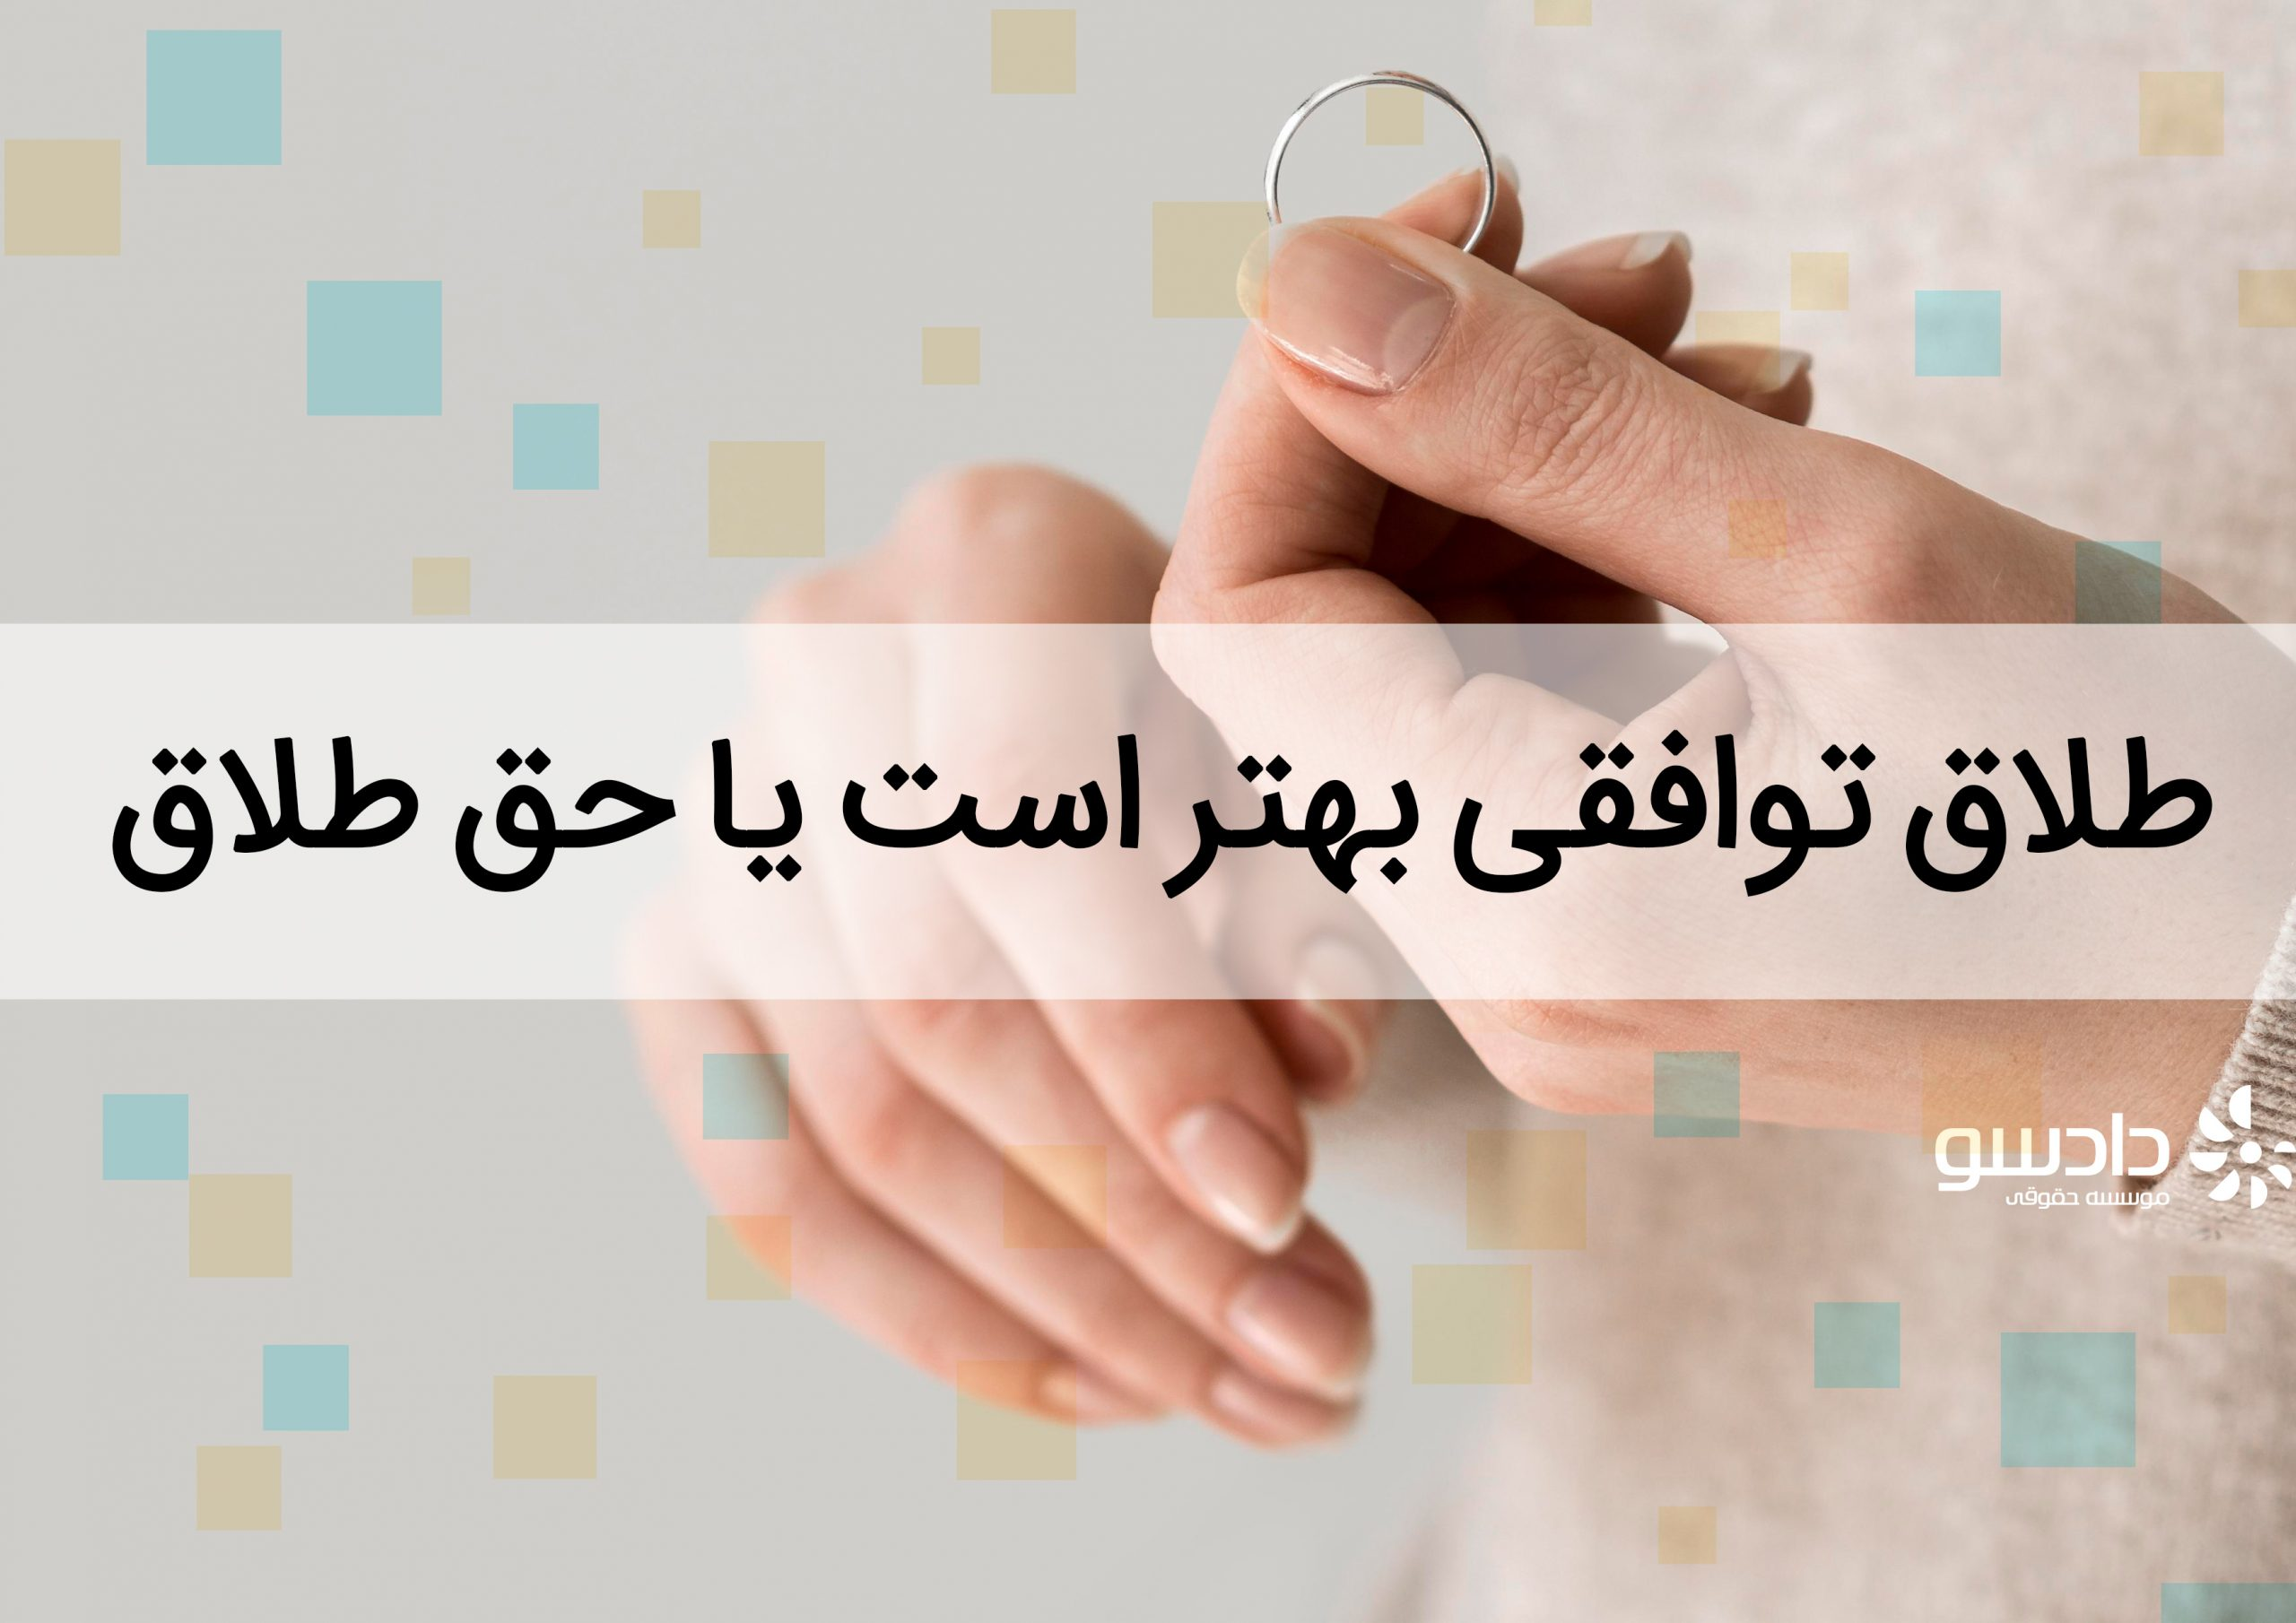 طلاق توافقی بهتر است یا حق طلاق